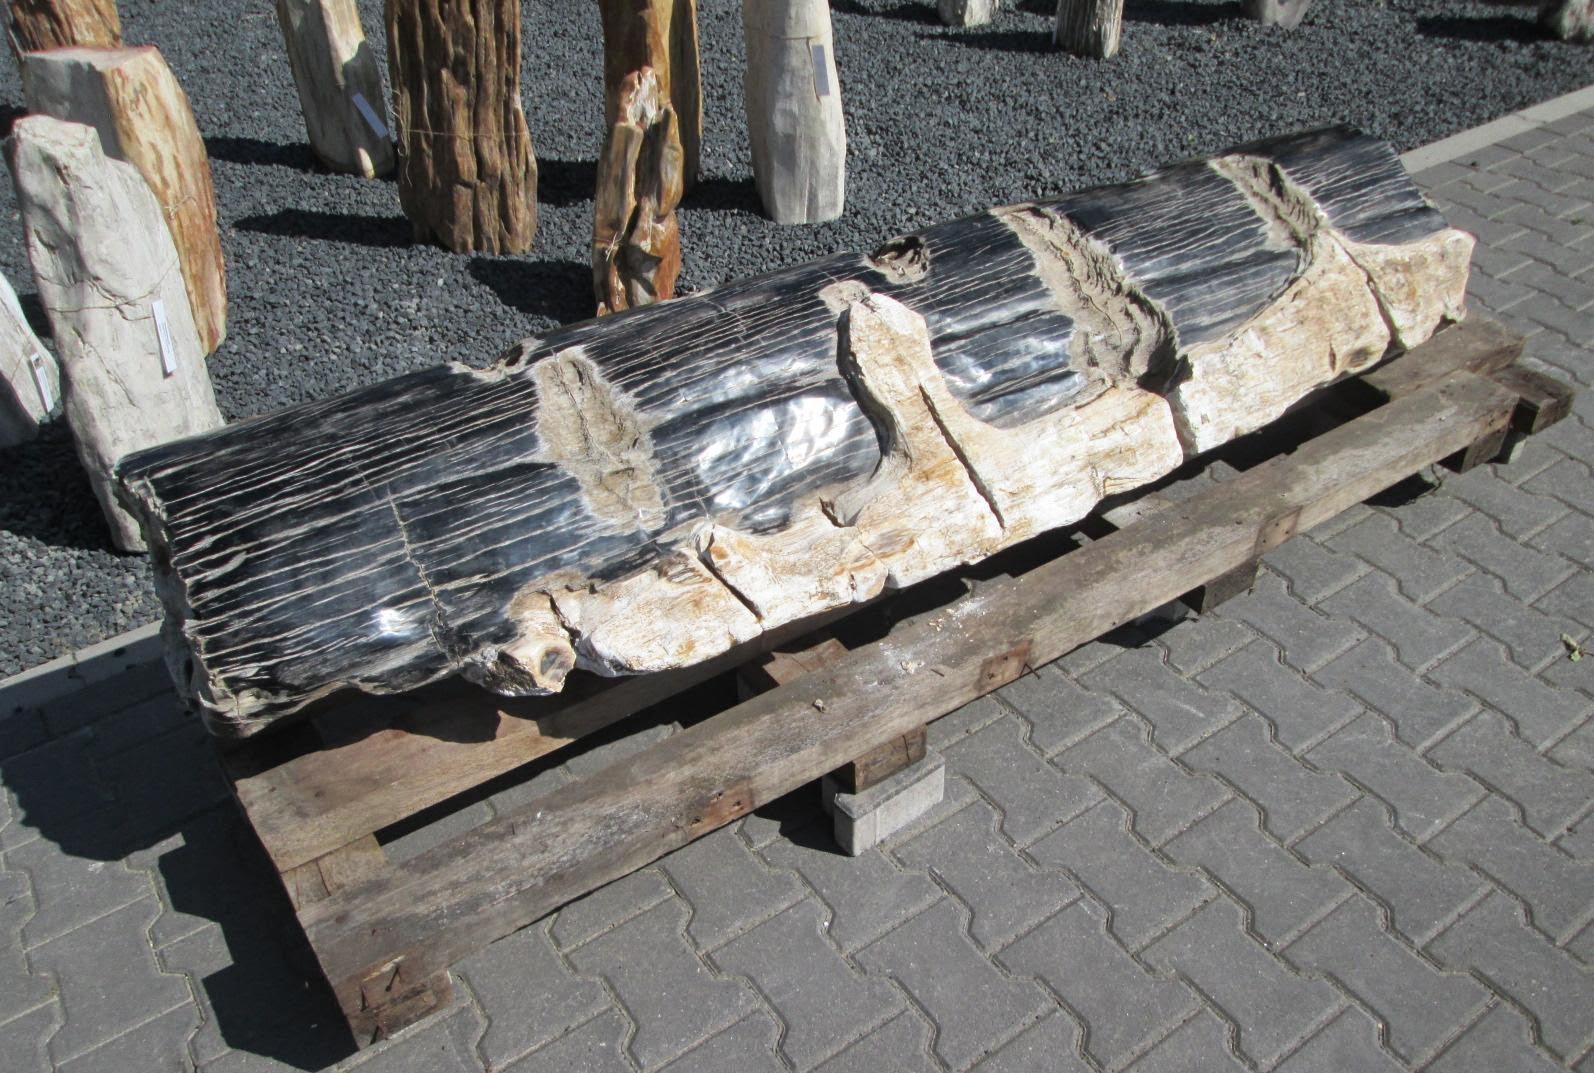 Versteend hout miljoenen jaren oud en altijd uniek - Stukken outs ...